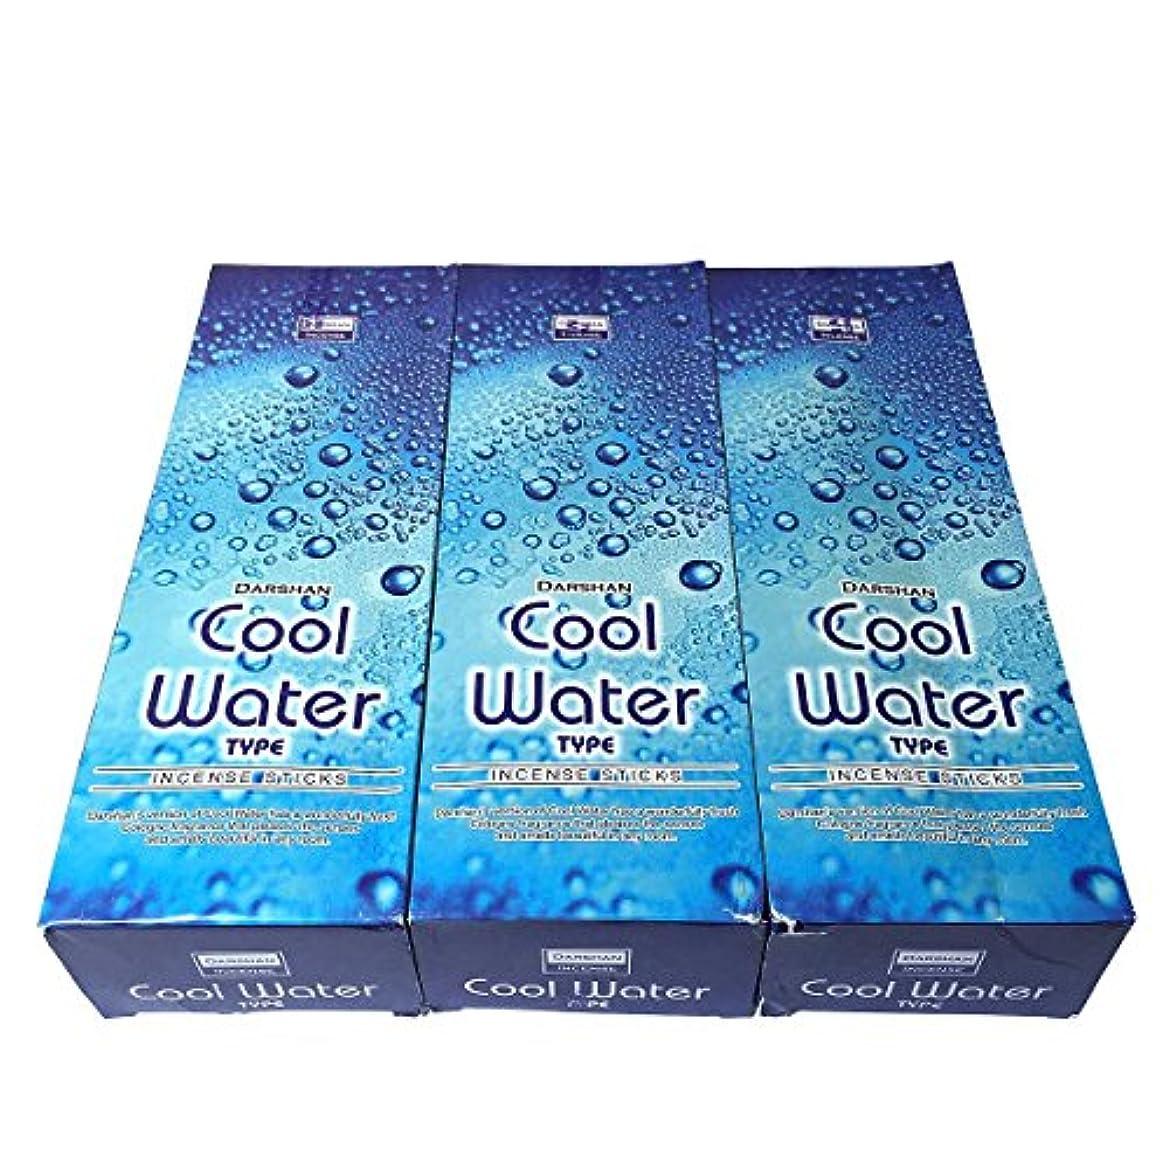 クールウォーター香スティック 3BOX(18箱) /DARSHAN COOL WATER/インセンス/インド香 お香 [並行輸入品]